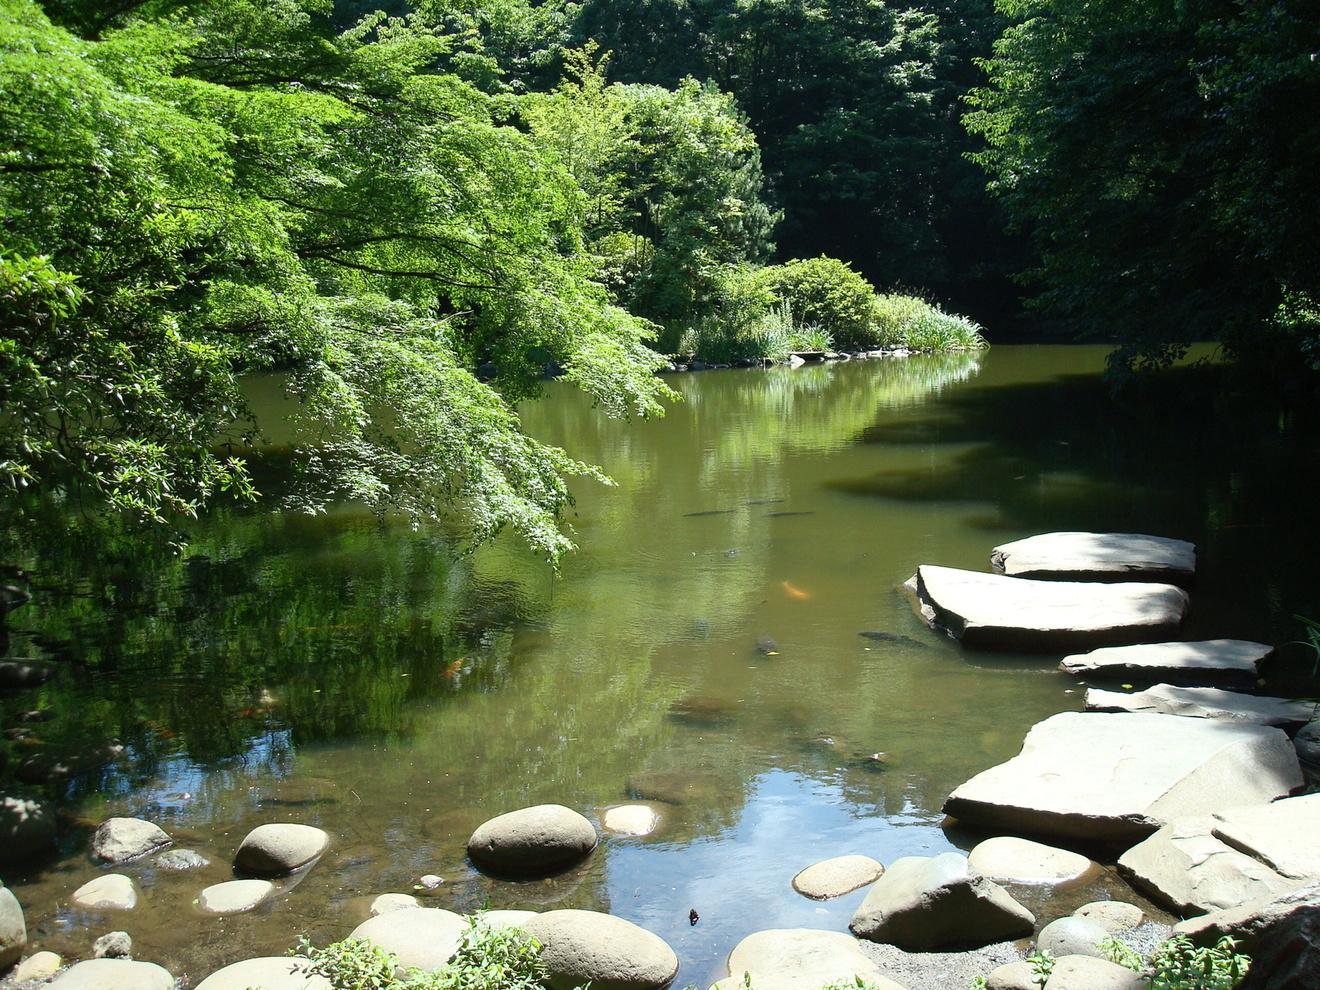 小説『影裏』3つの魅力をネタバレ解説!芥川賞受賞作品が2020年に映画化